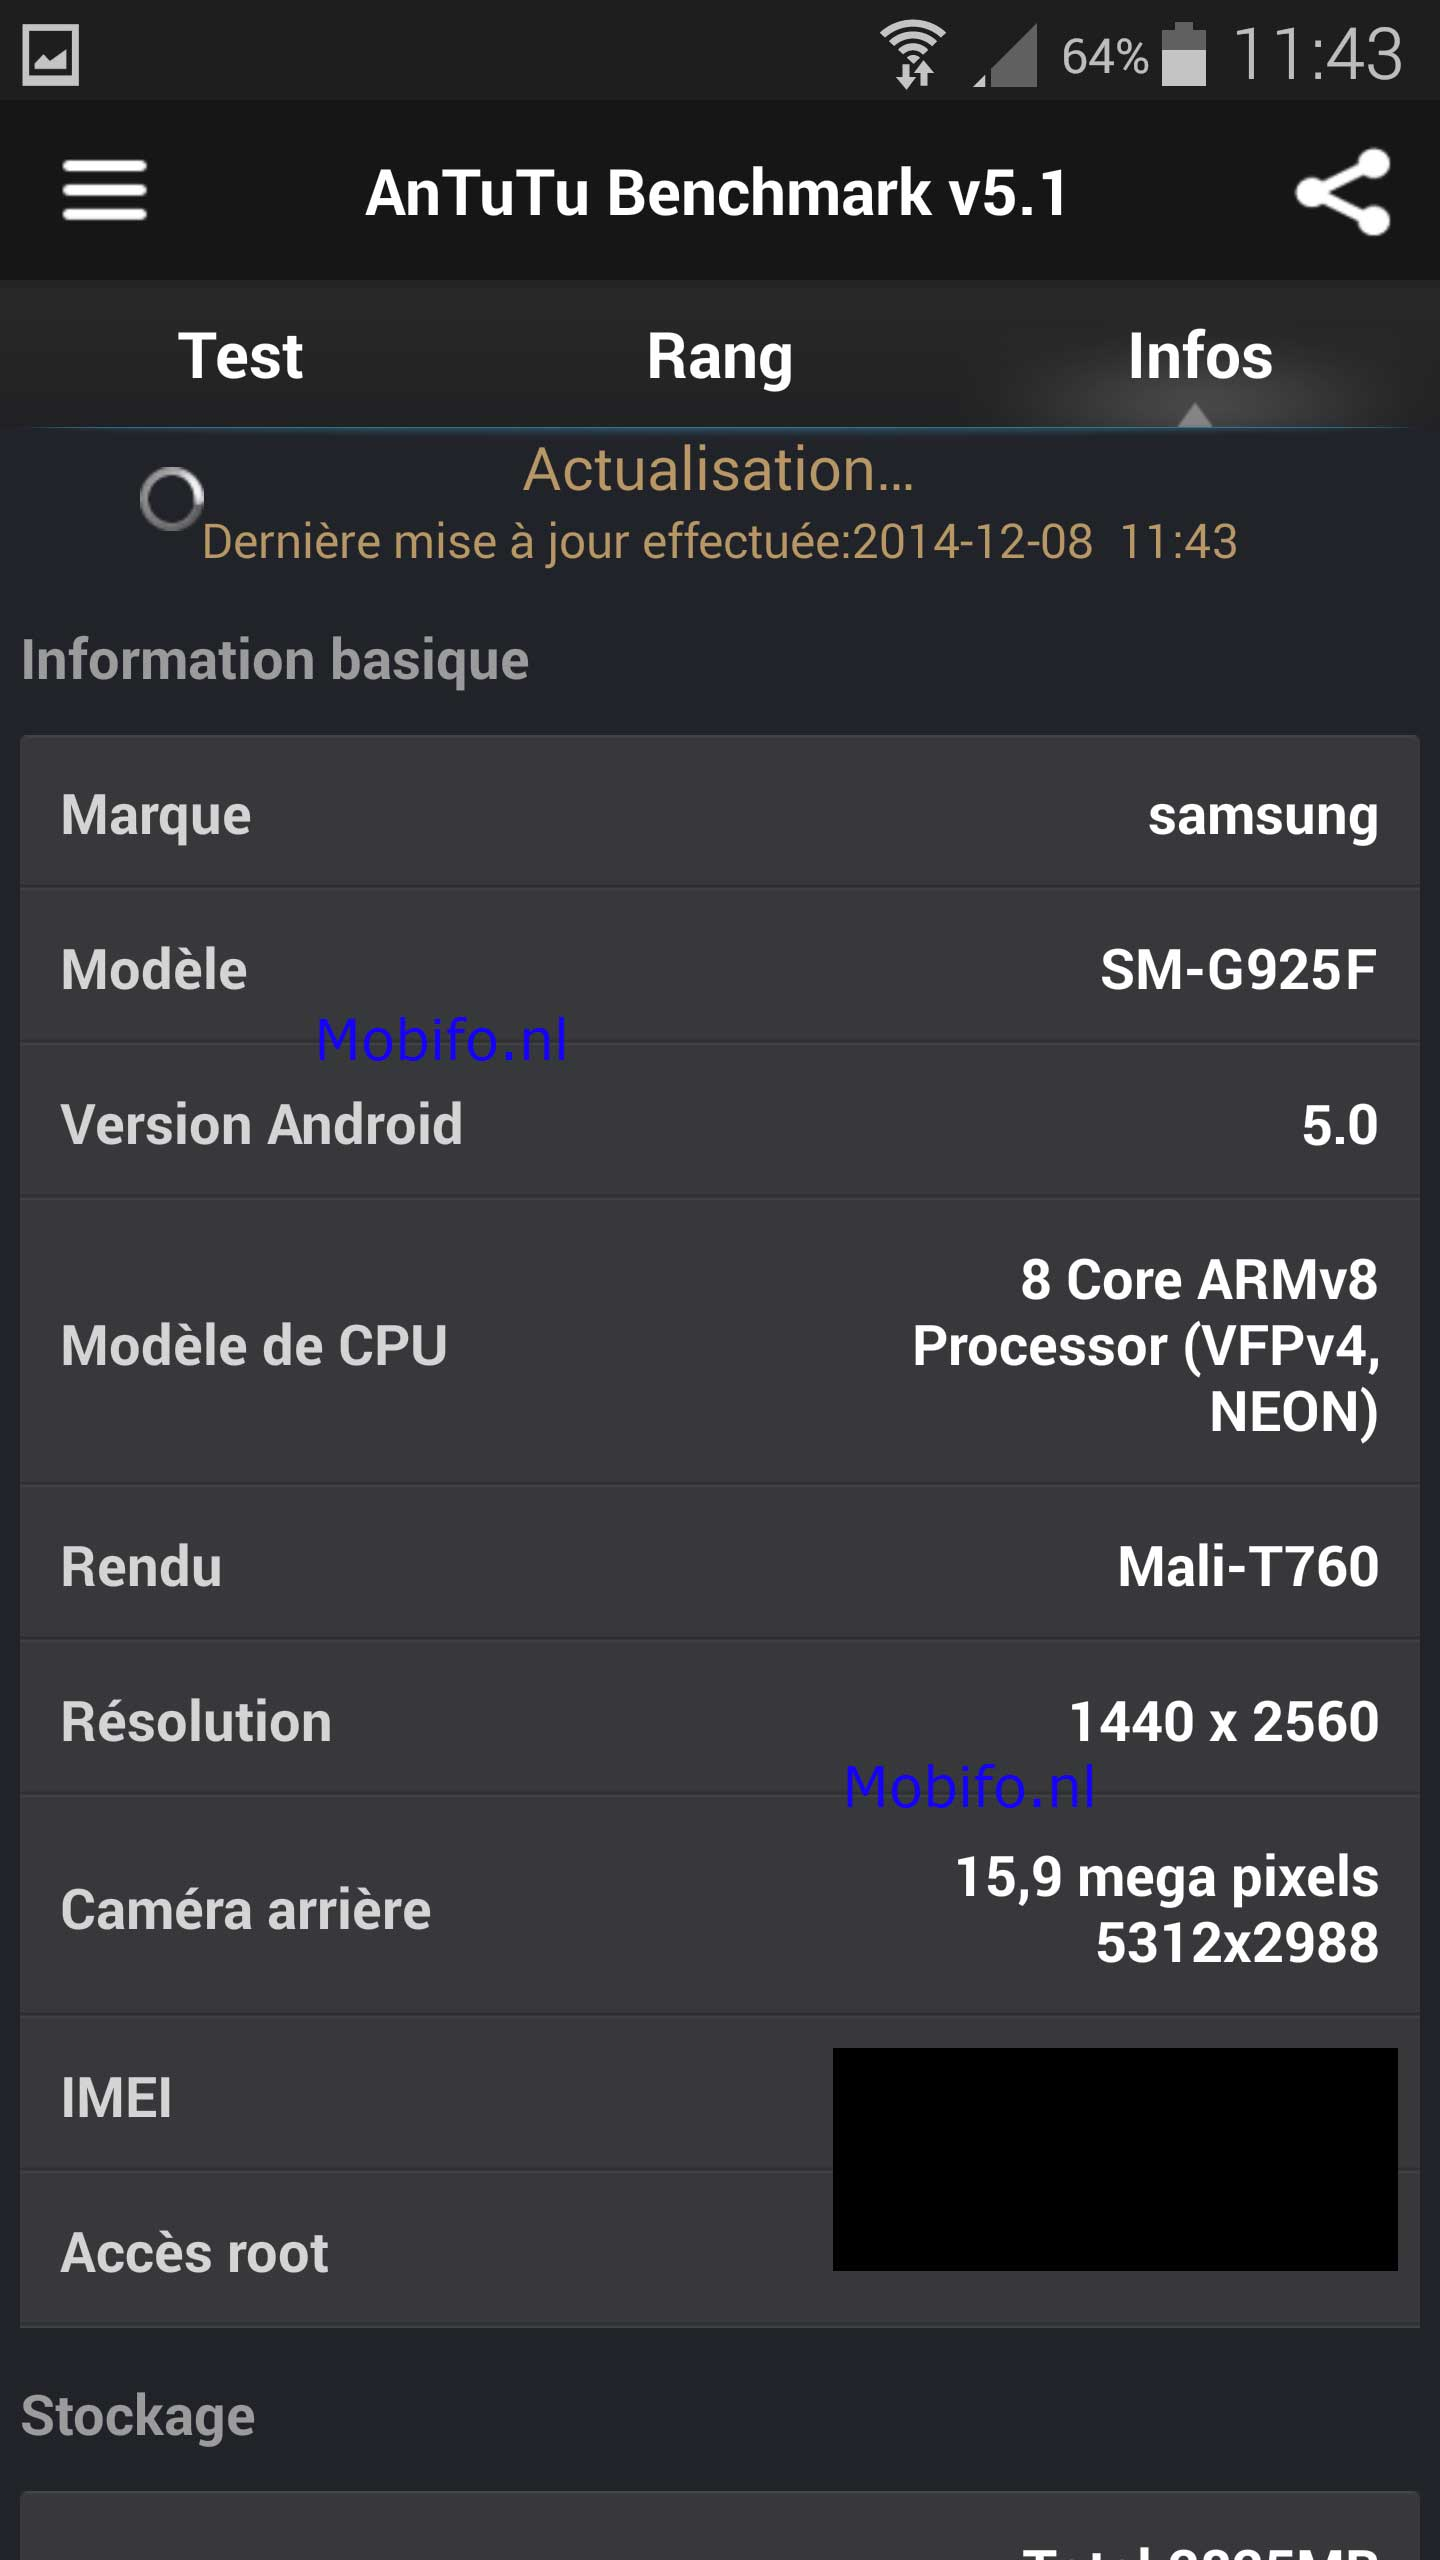 Samsung-Galaxy-S6-SM-G925F-AnTuTu